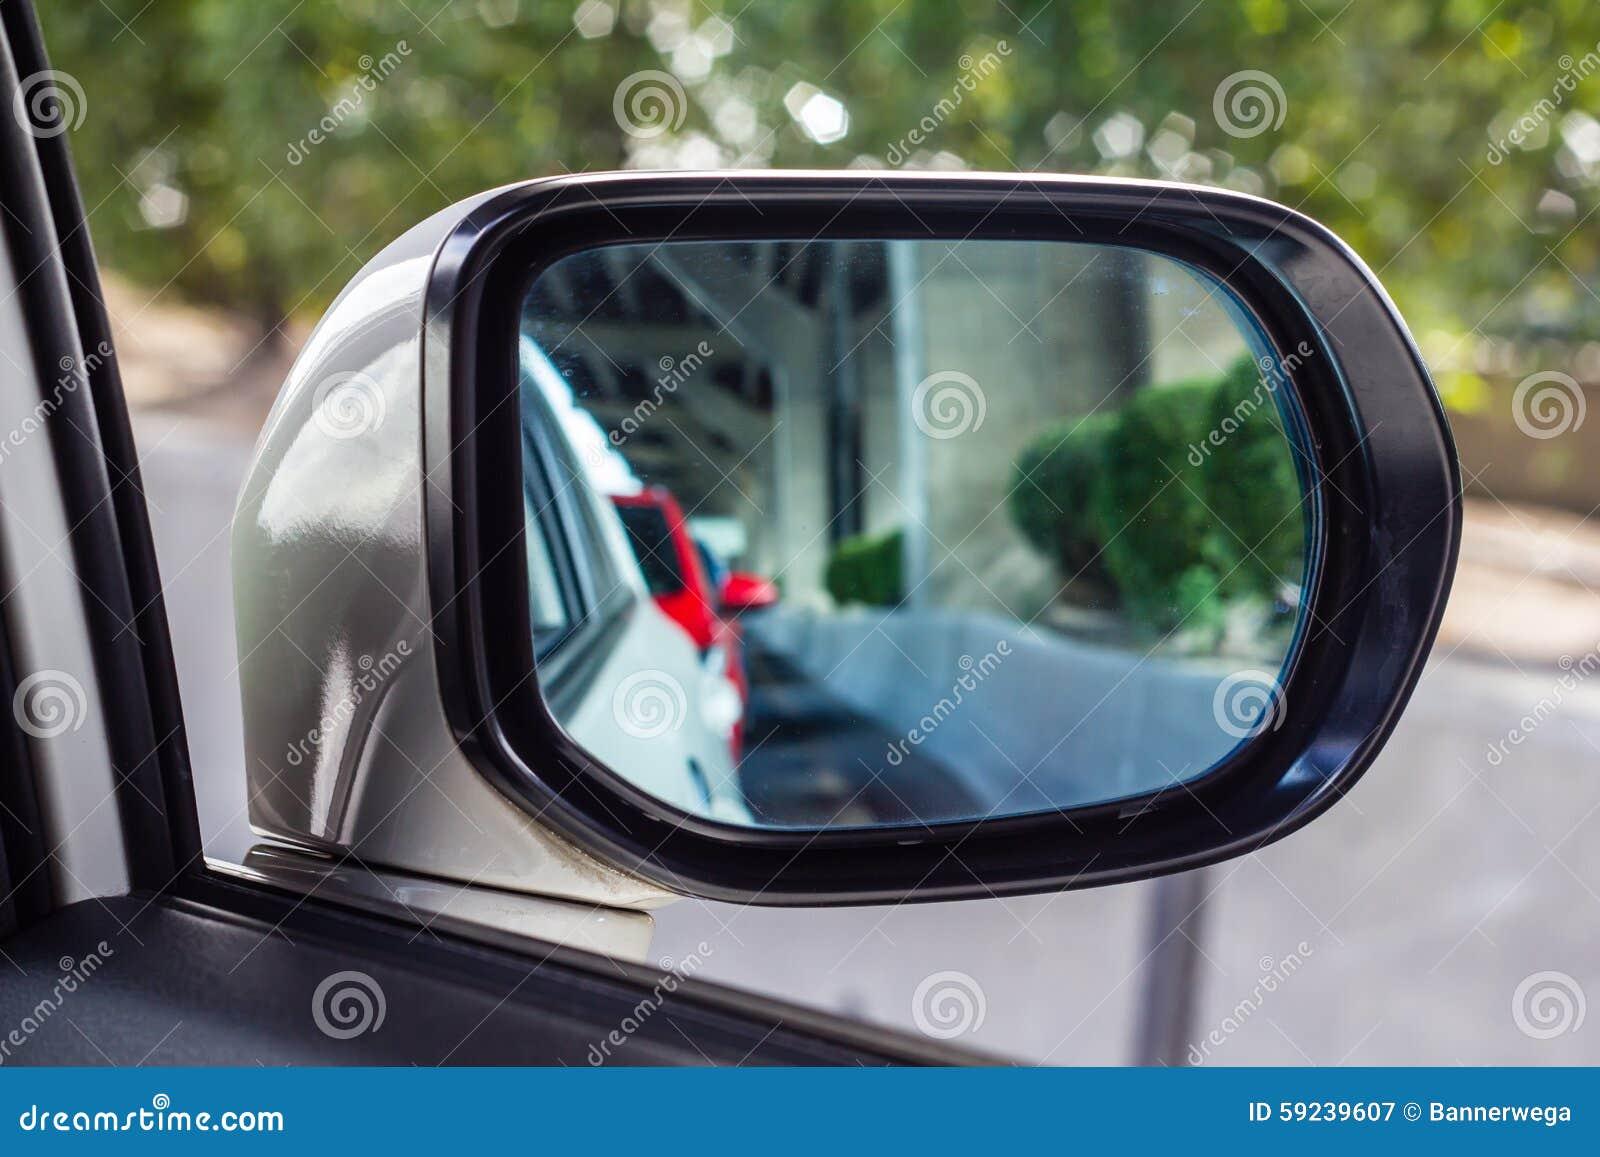 Download Espejo del coche imagen de archivo. Imagen de viaje, freeway - 59239607